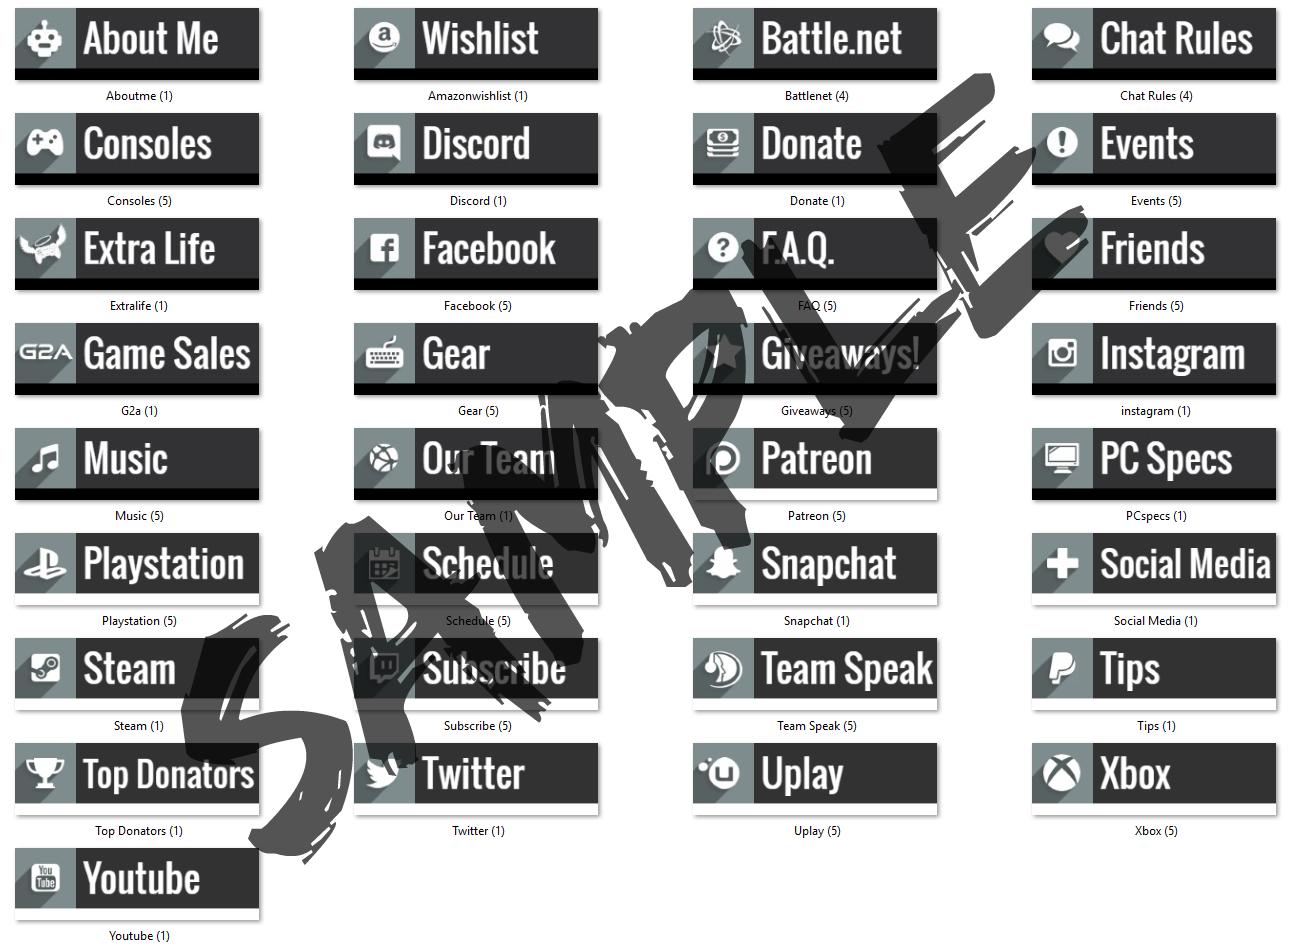 streamdesign (streamdesigner) on Pinterest